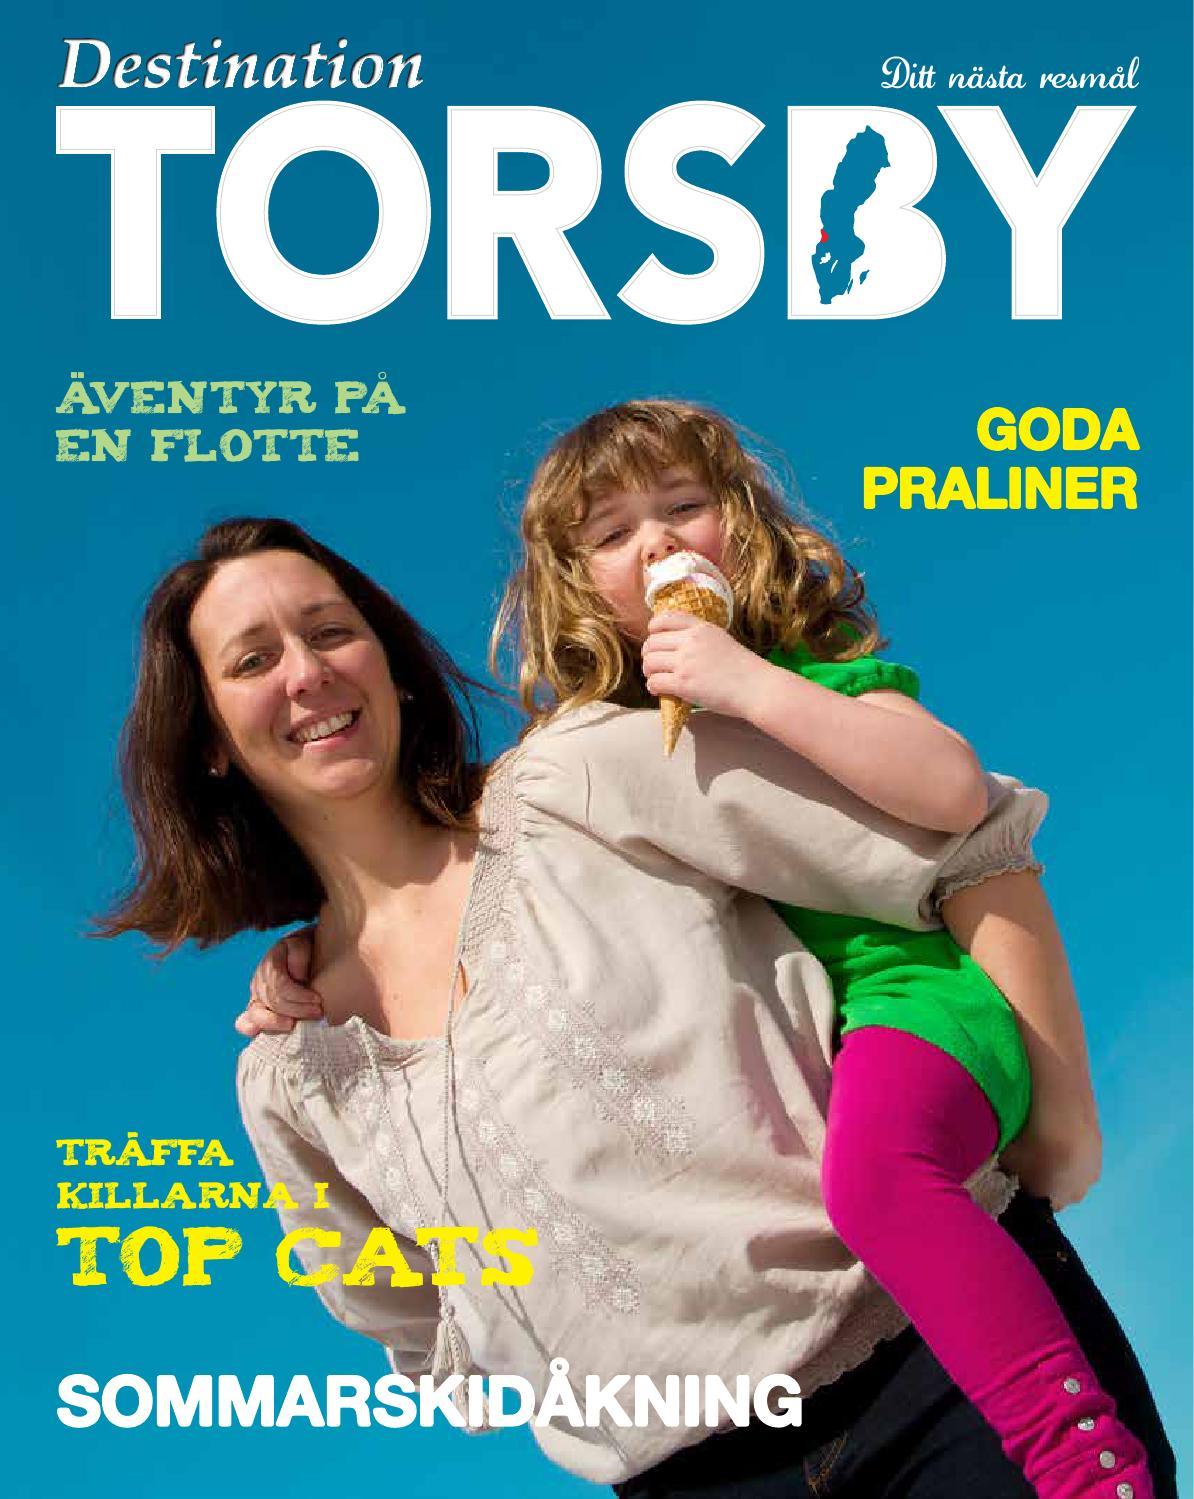 Online dating i torsby